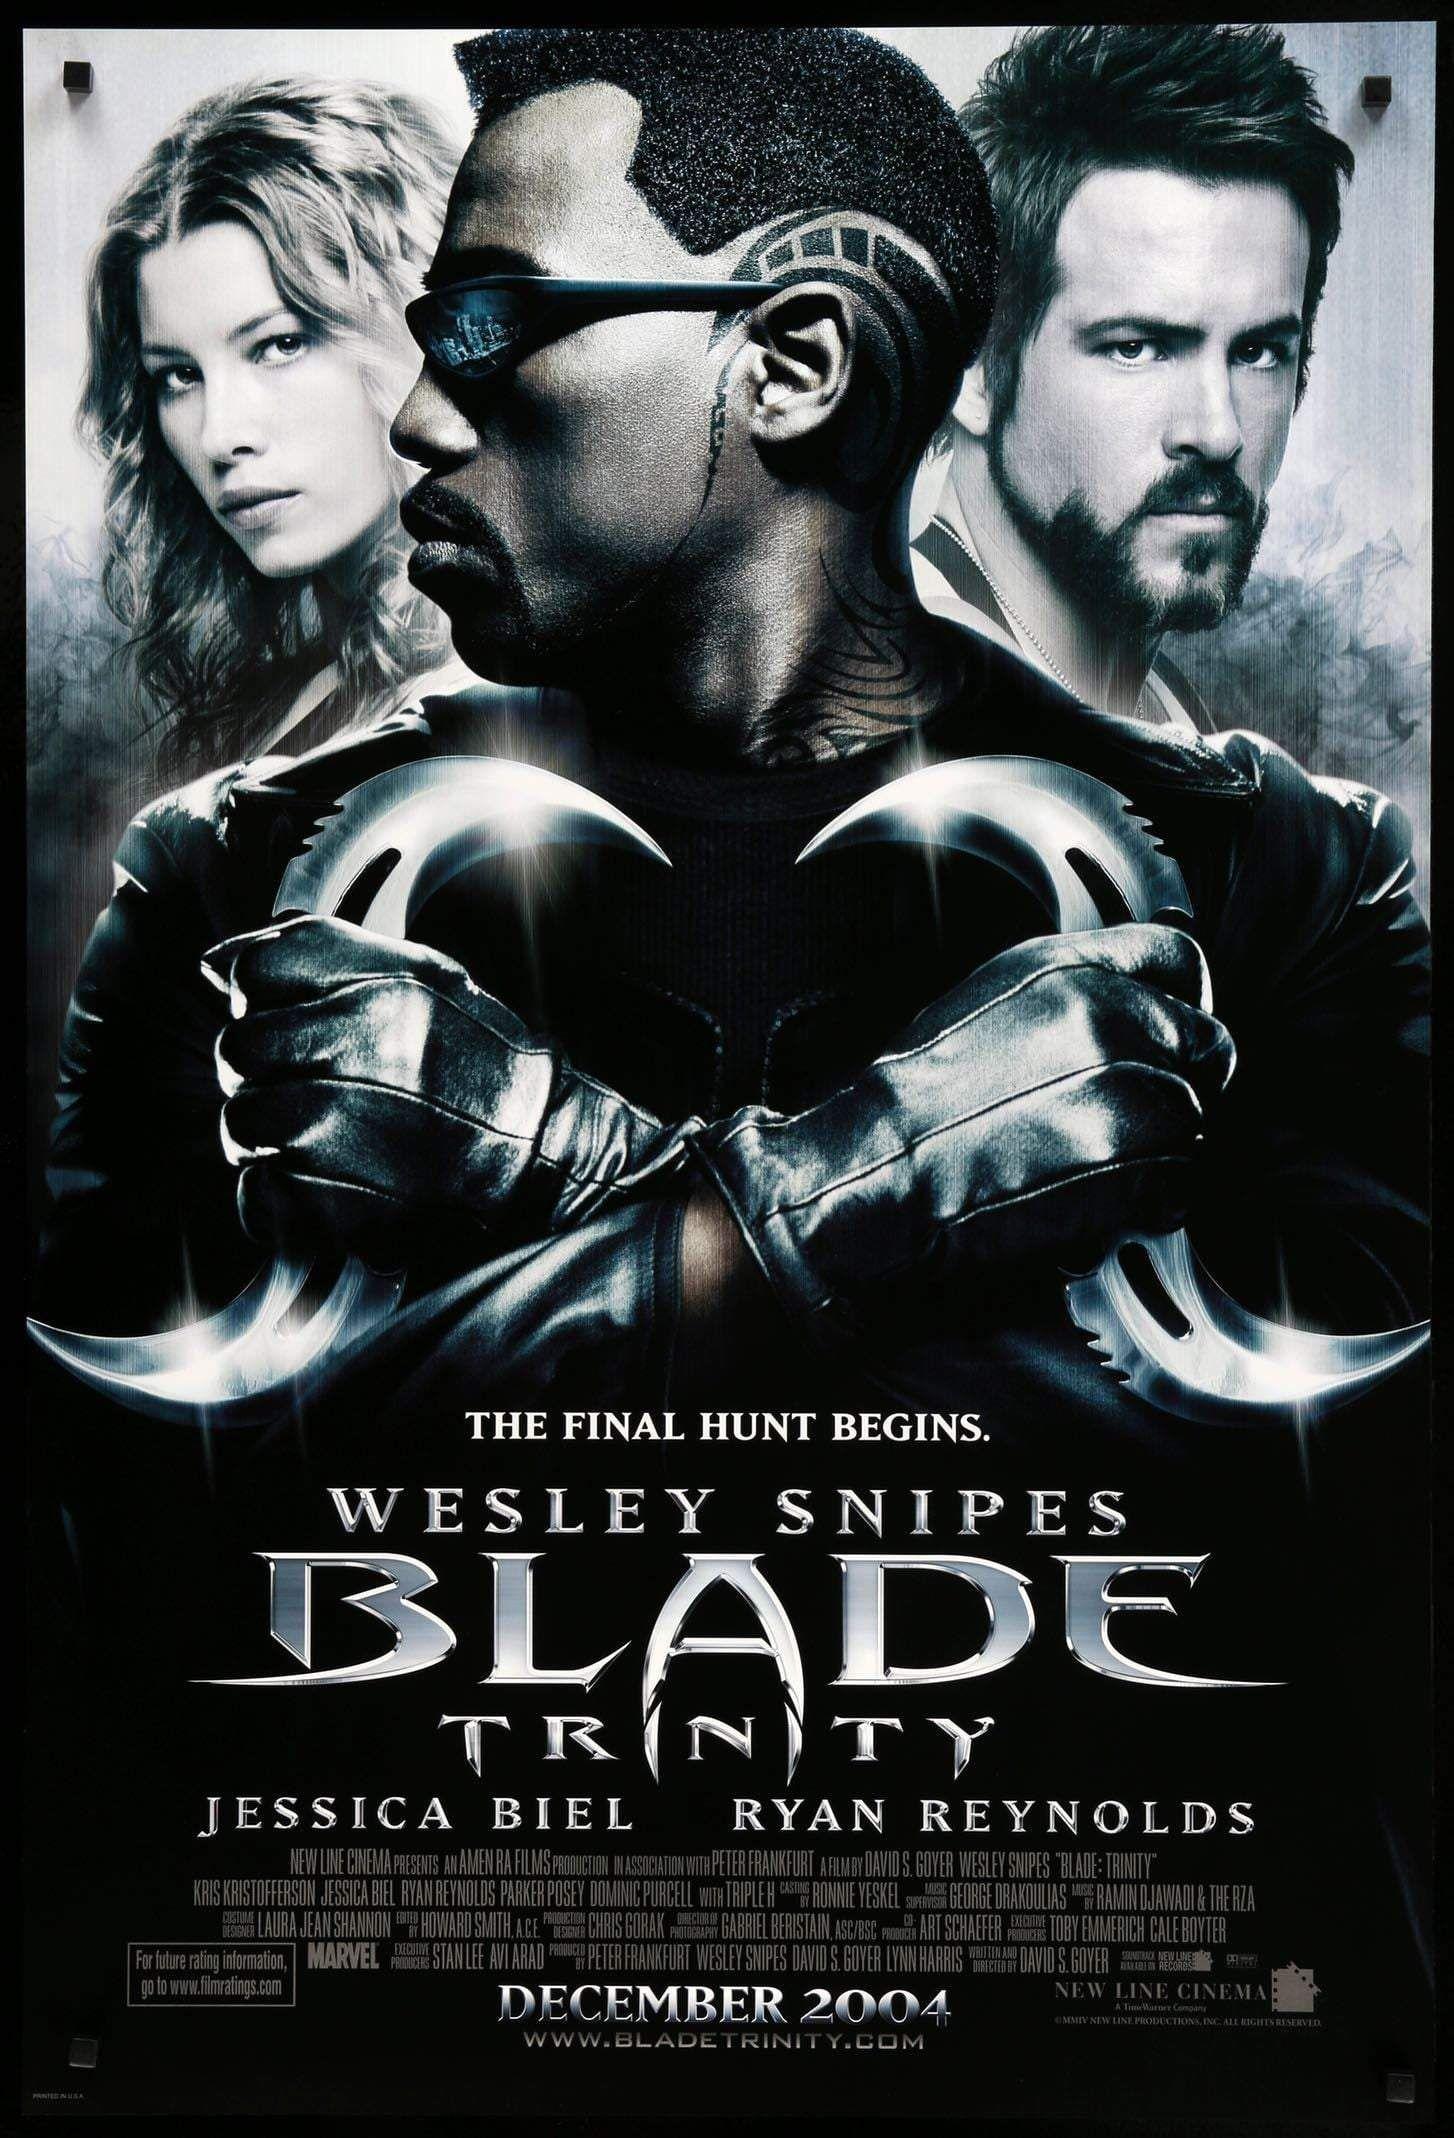 Blade Trinity 2004 Blade Movie Vampire Movies Marvel Movies